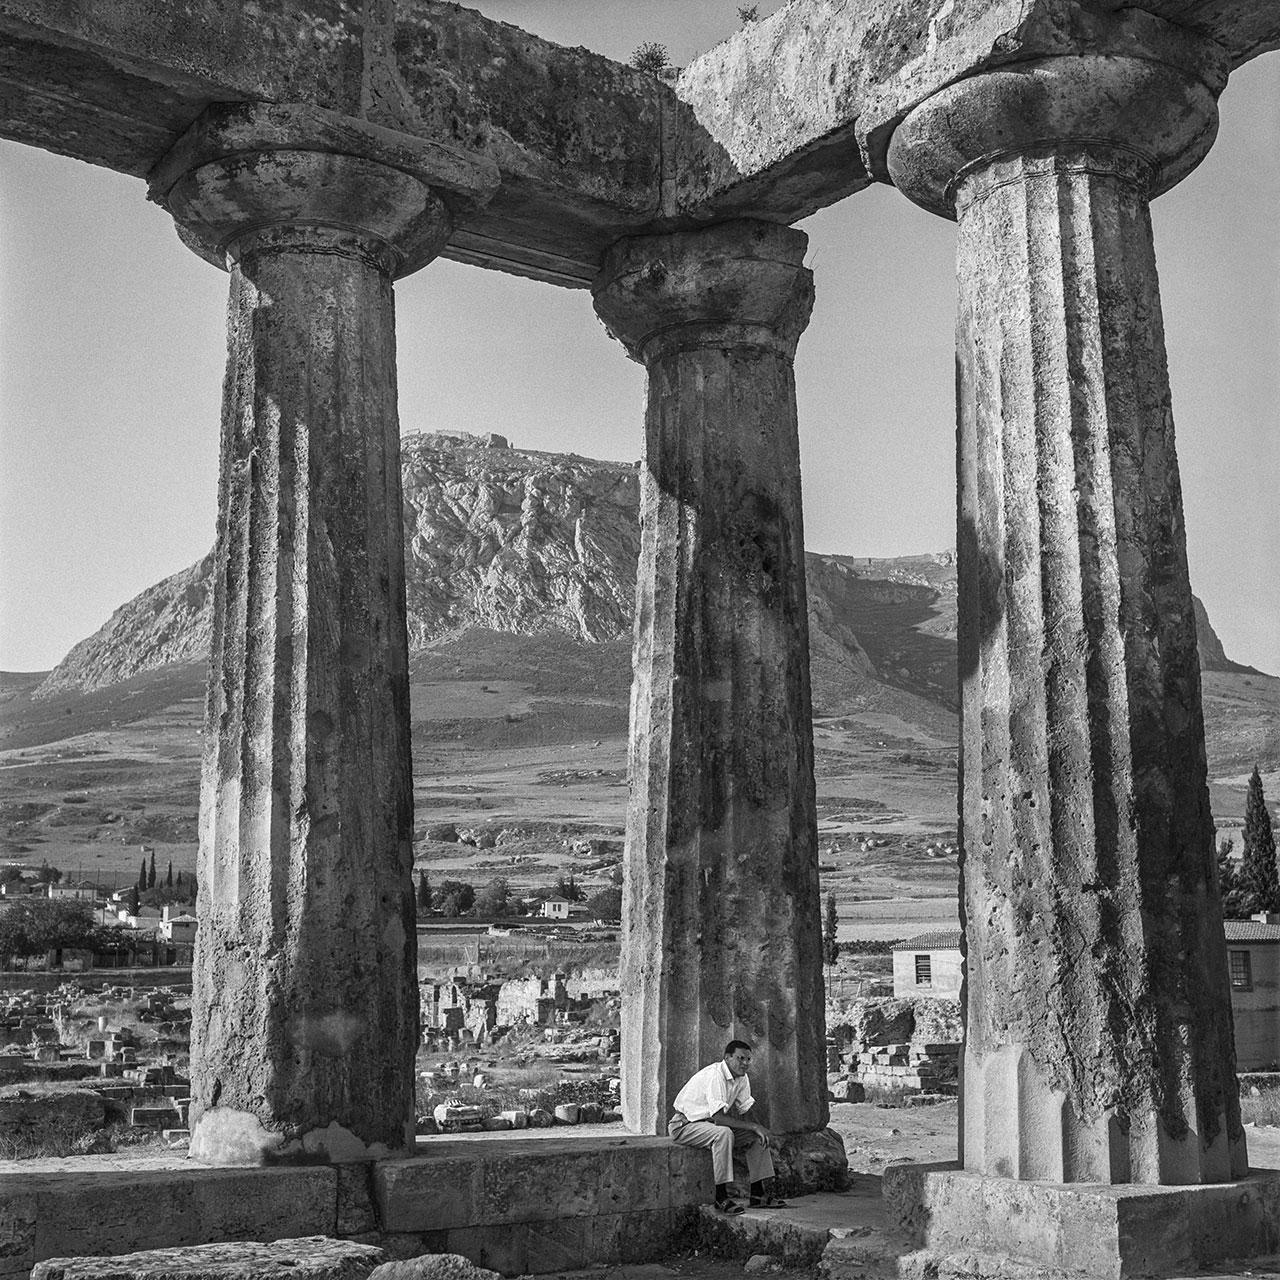 Korinth 1961: Der dorische Apollontempel in der antiken Stadt Korinth, im Hintergrund der Festung Akrokorinth. Foto © Robert McCabe